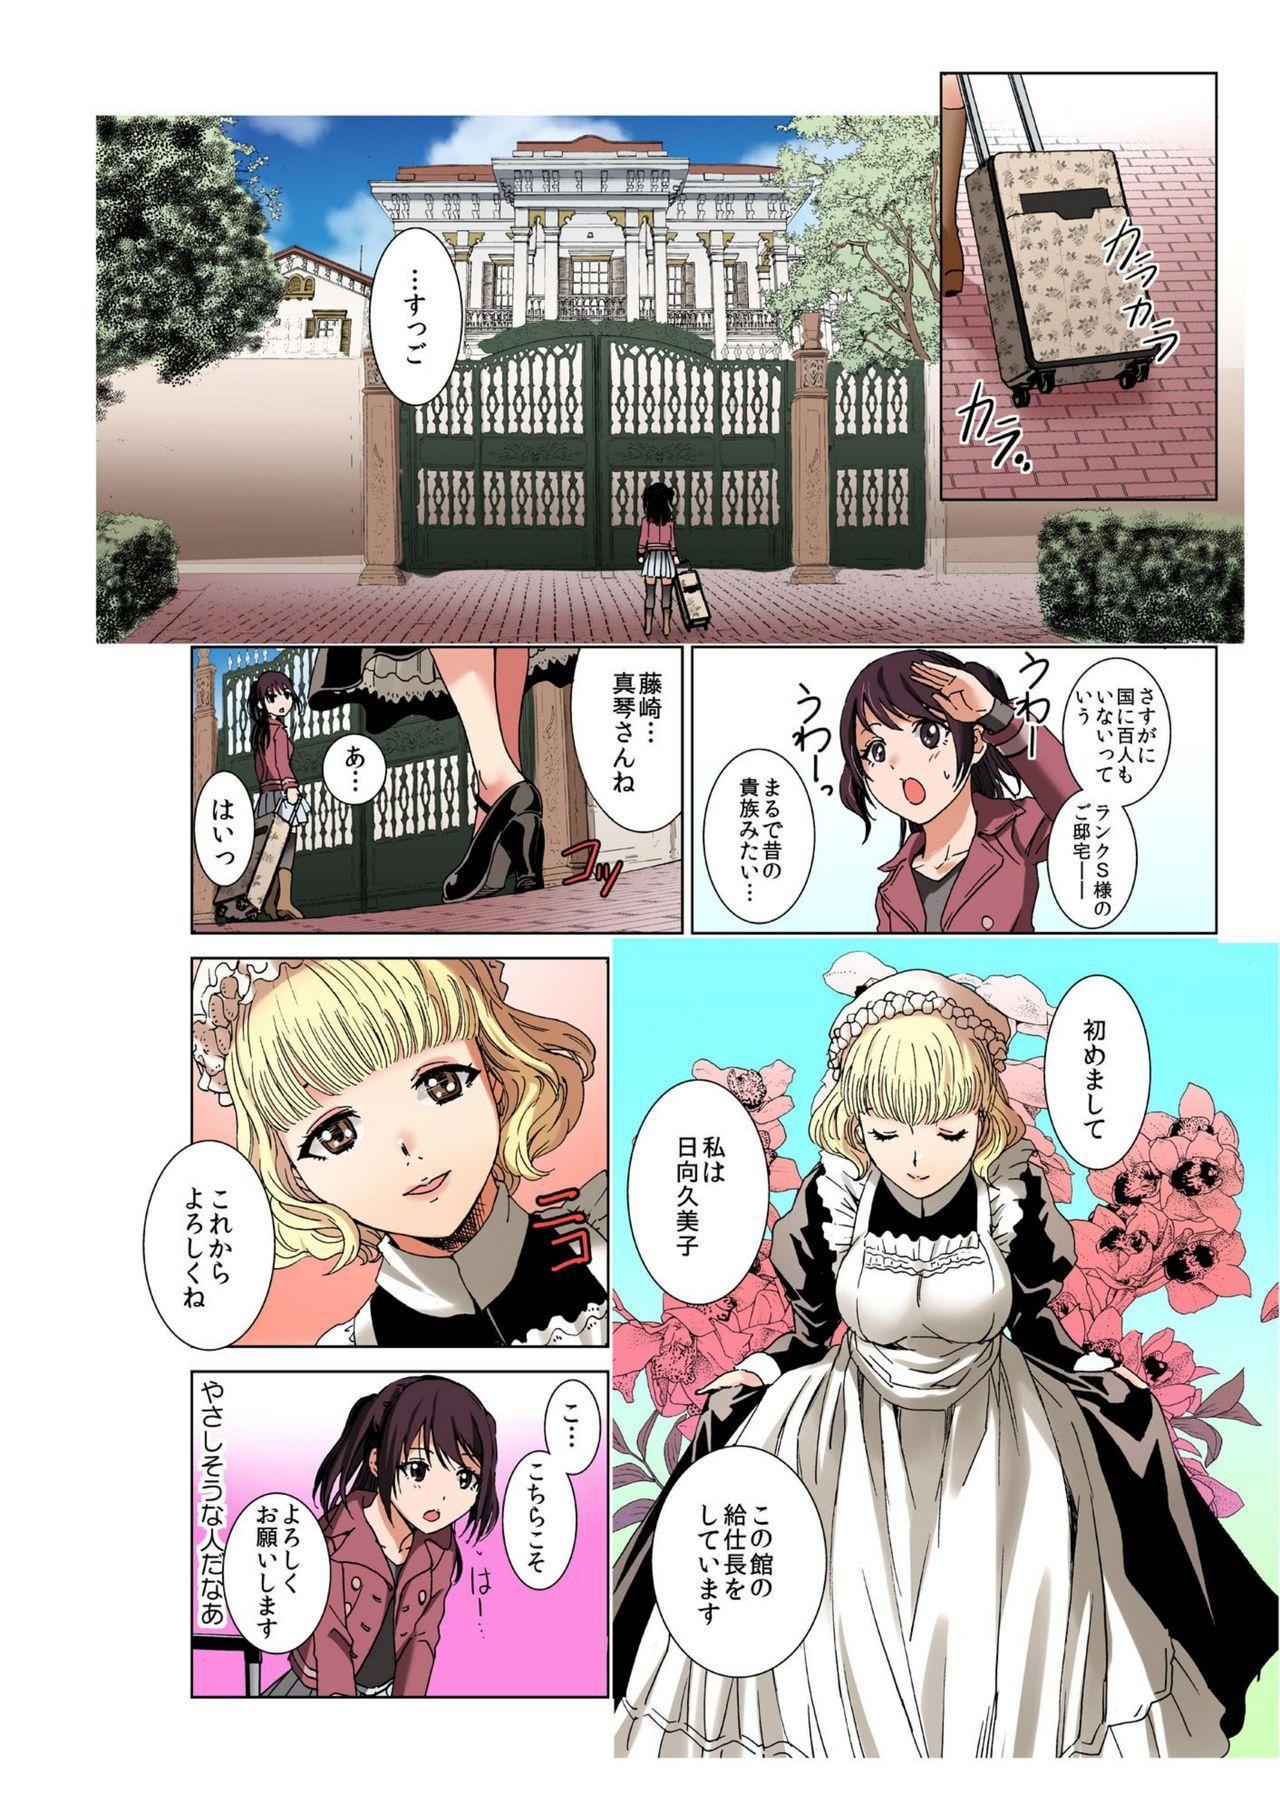 [Rurukichi] Seishi ga Kane ni Naru Jidai ~Mesubuta ga Muragaru Ore-sama no Kokan~ 1 40